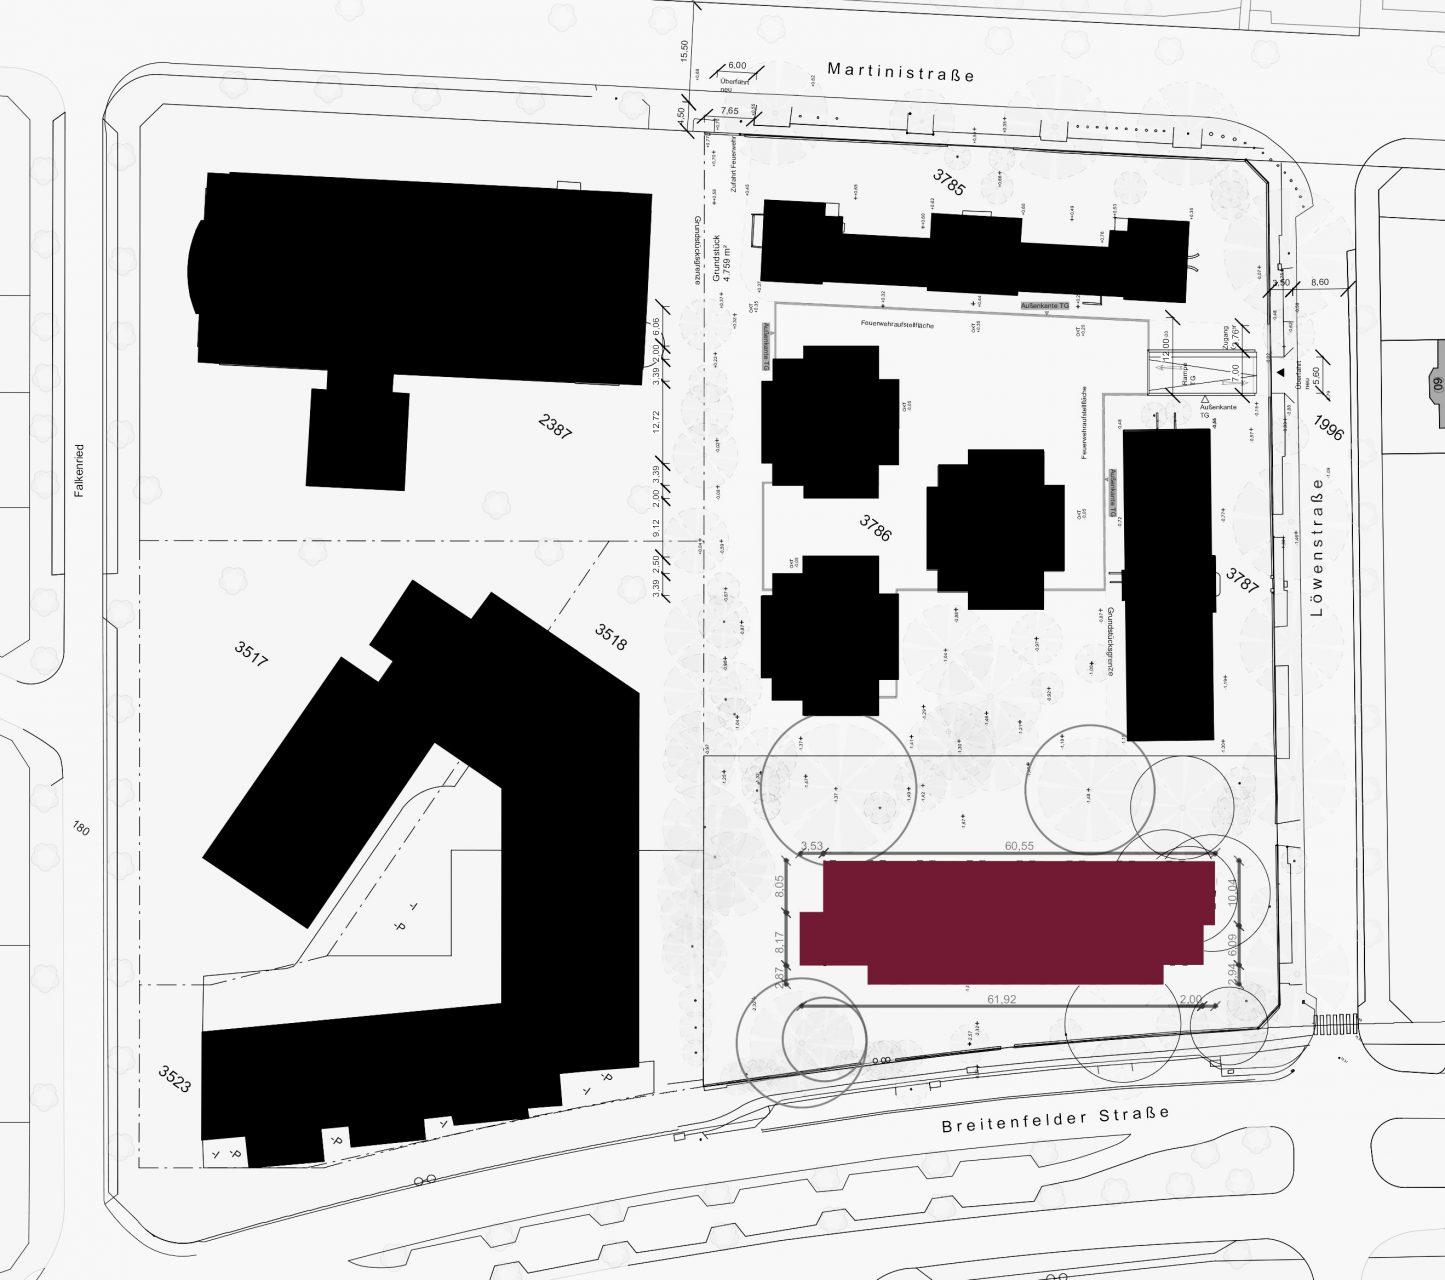 34-OTTO WULFF Übersichtsplan Städtebau Var. 2